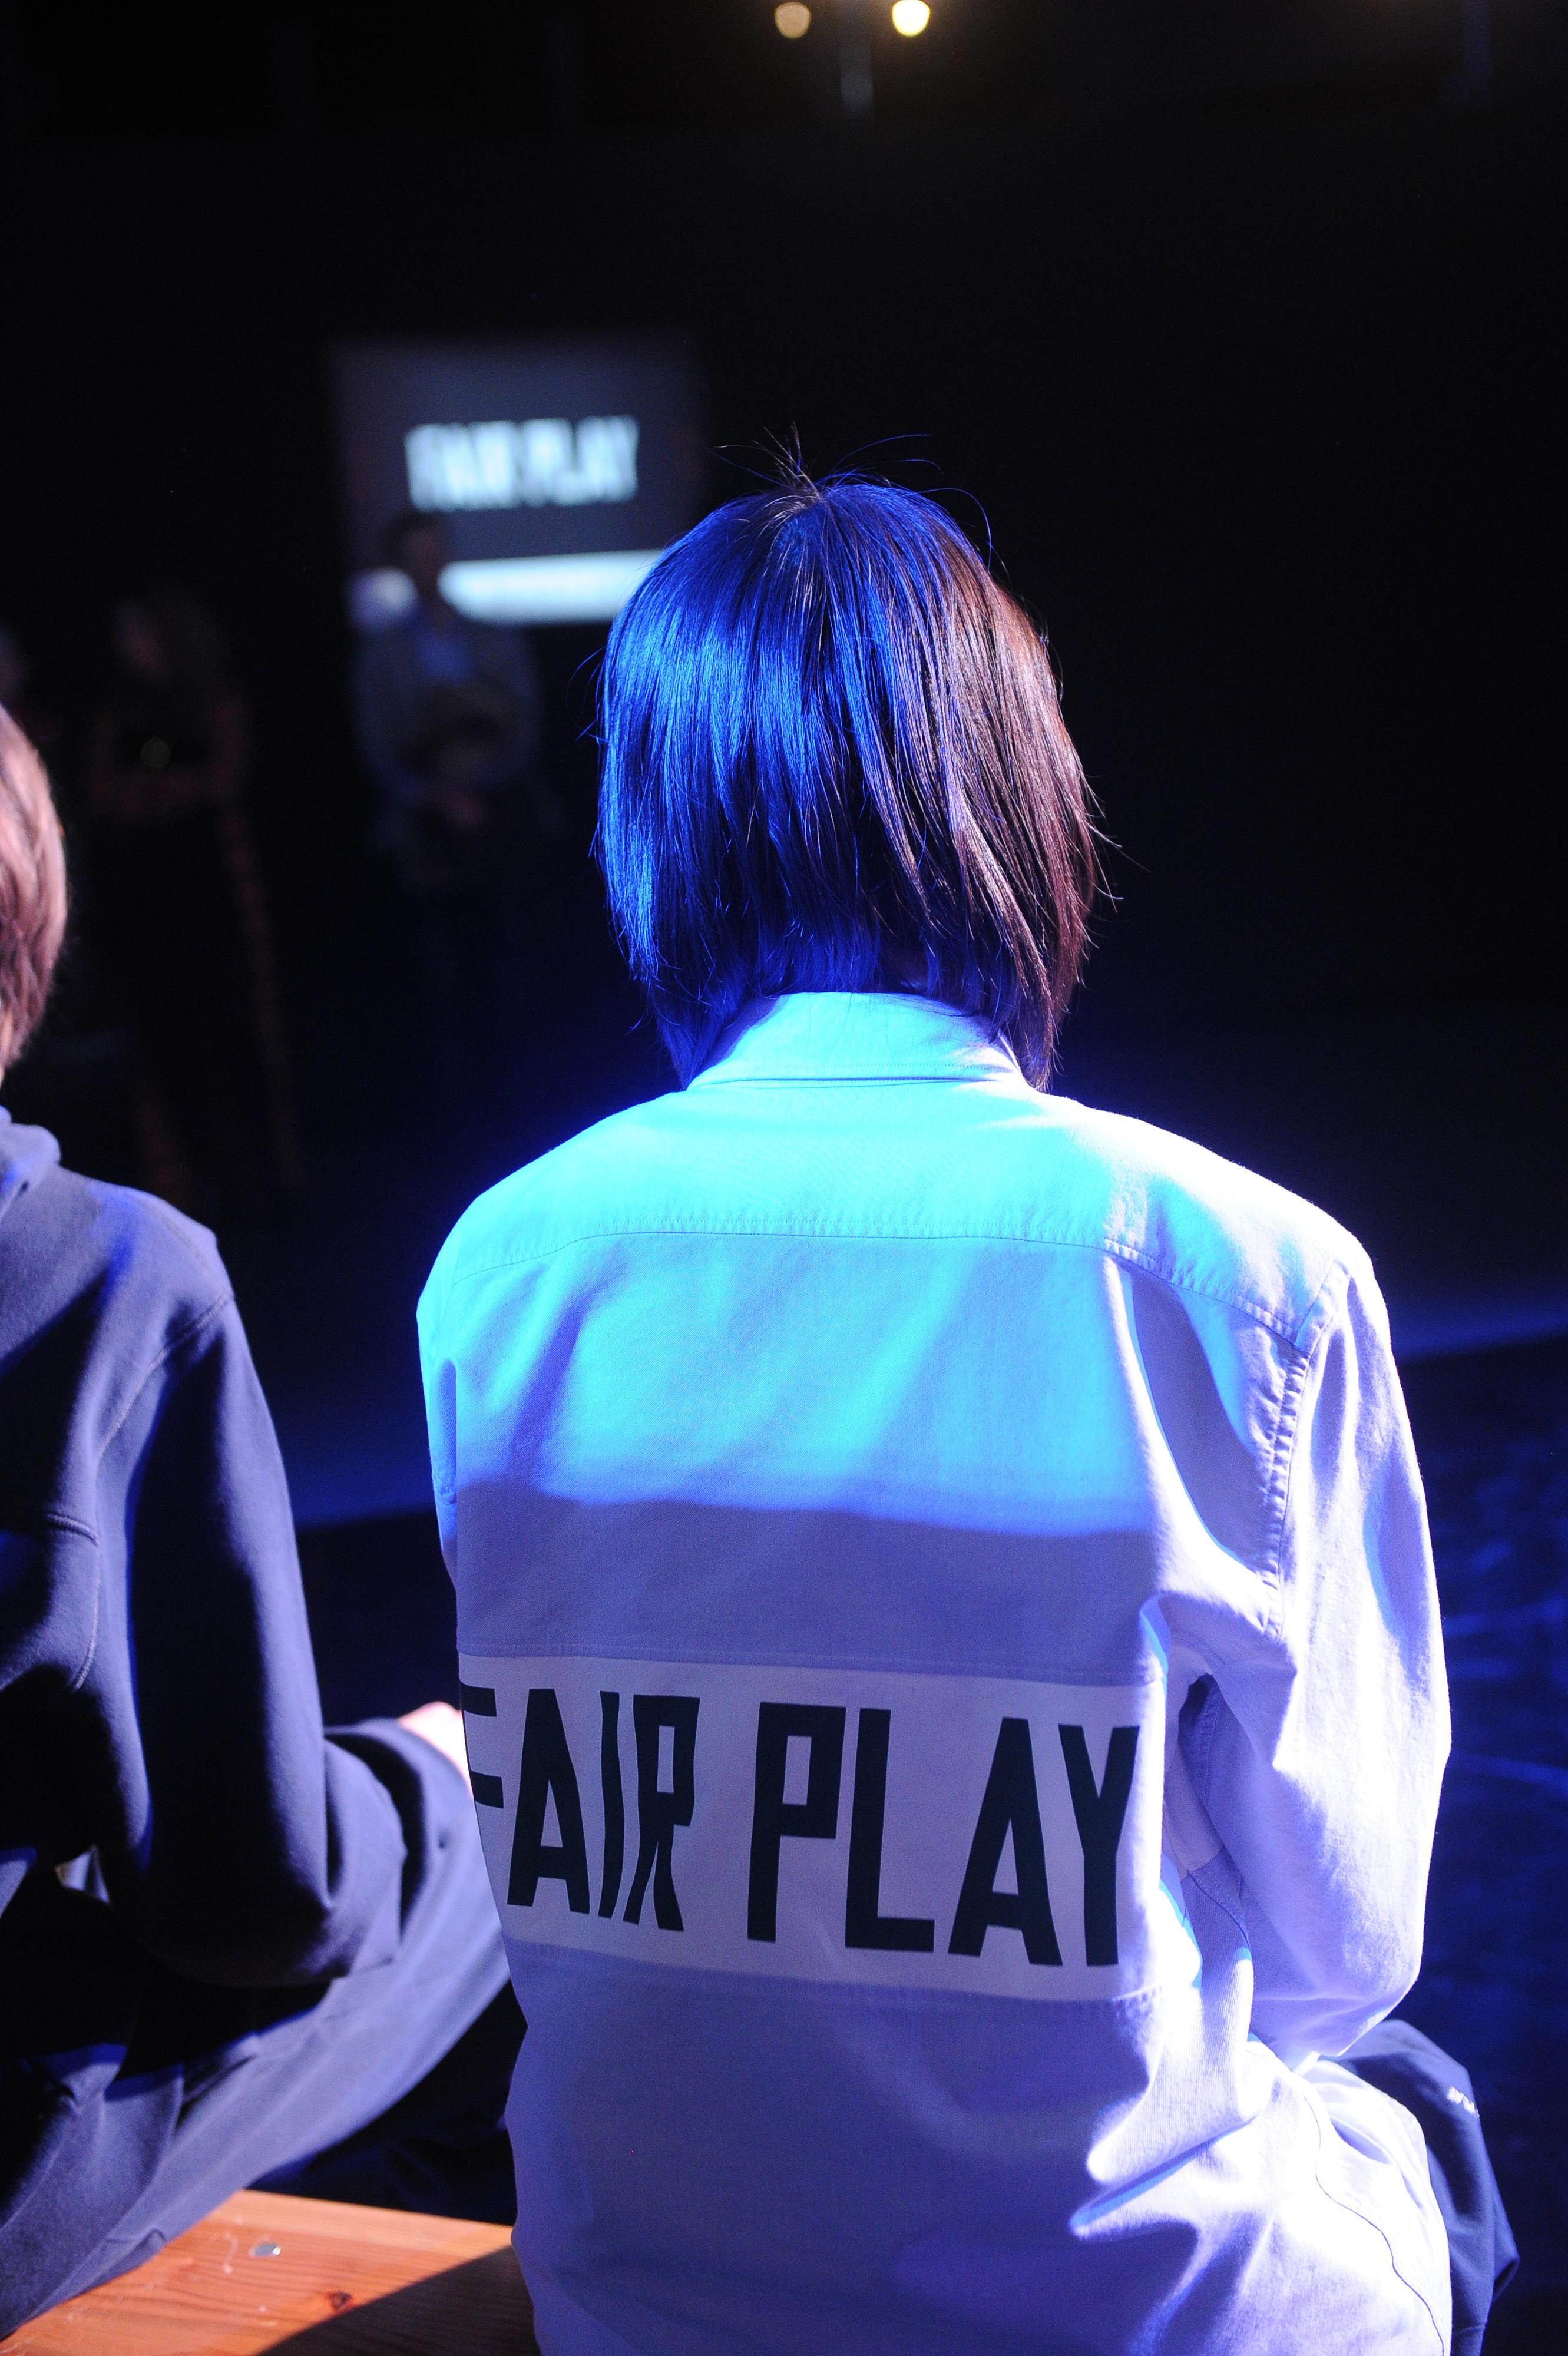 La Martina - fair play